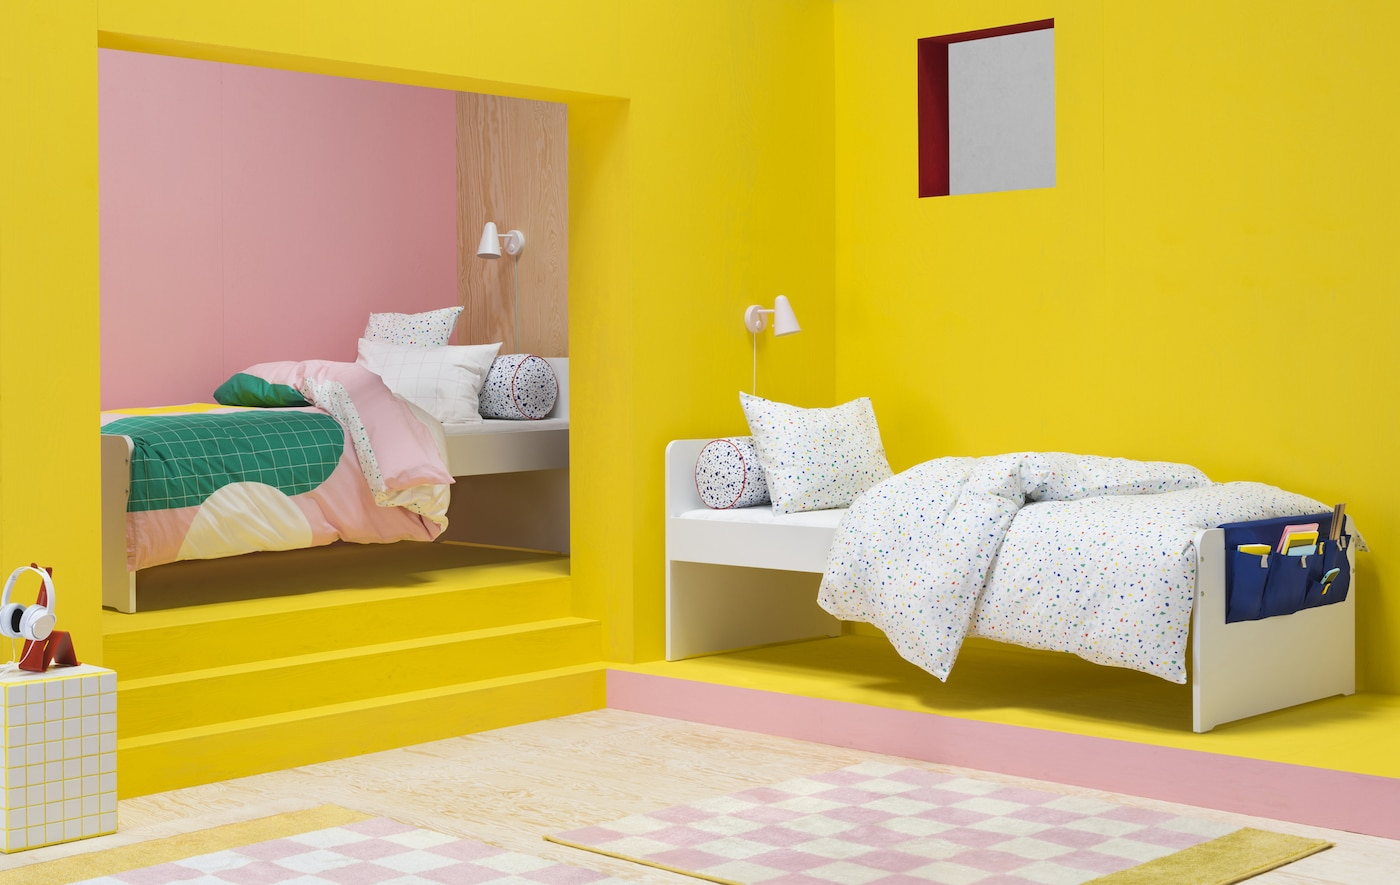 Full Size of Jugendzimmer Bunt Gestalten Ikea Deutschland Betten Bei Modulküche 160x200 Sofa Mit Schlaffunktion Küche Kosten Miniküche Kaufen Bett Wohnzimmer Jugendzimmer Ikea